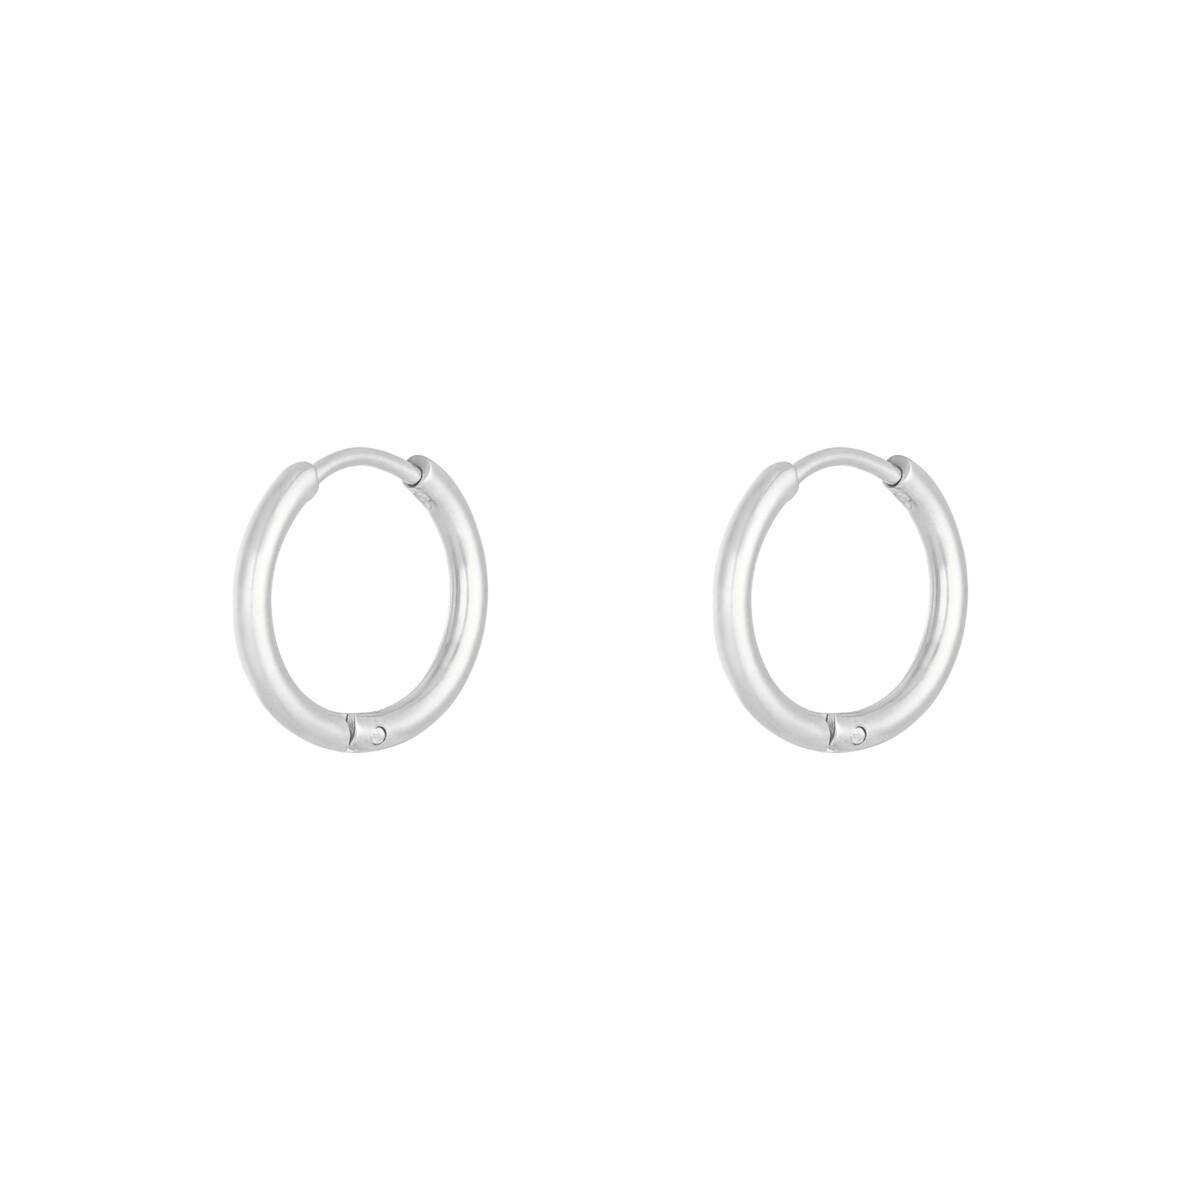 Simpele stainless steel oorringetjes zilver 16 mm